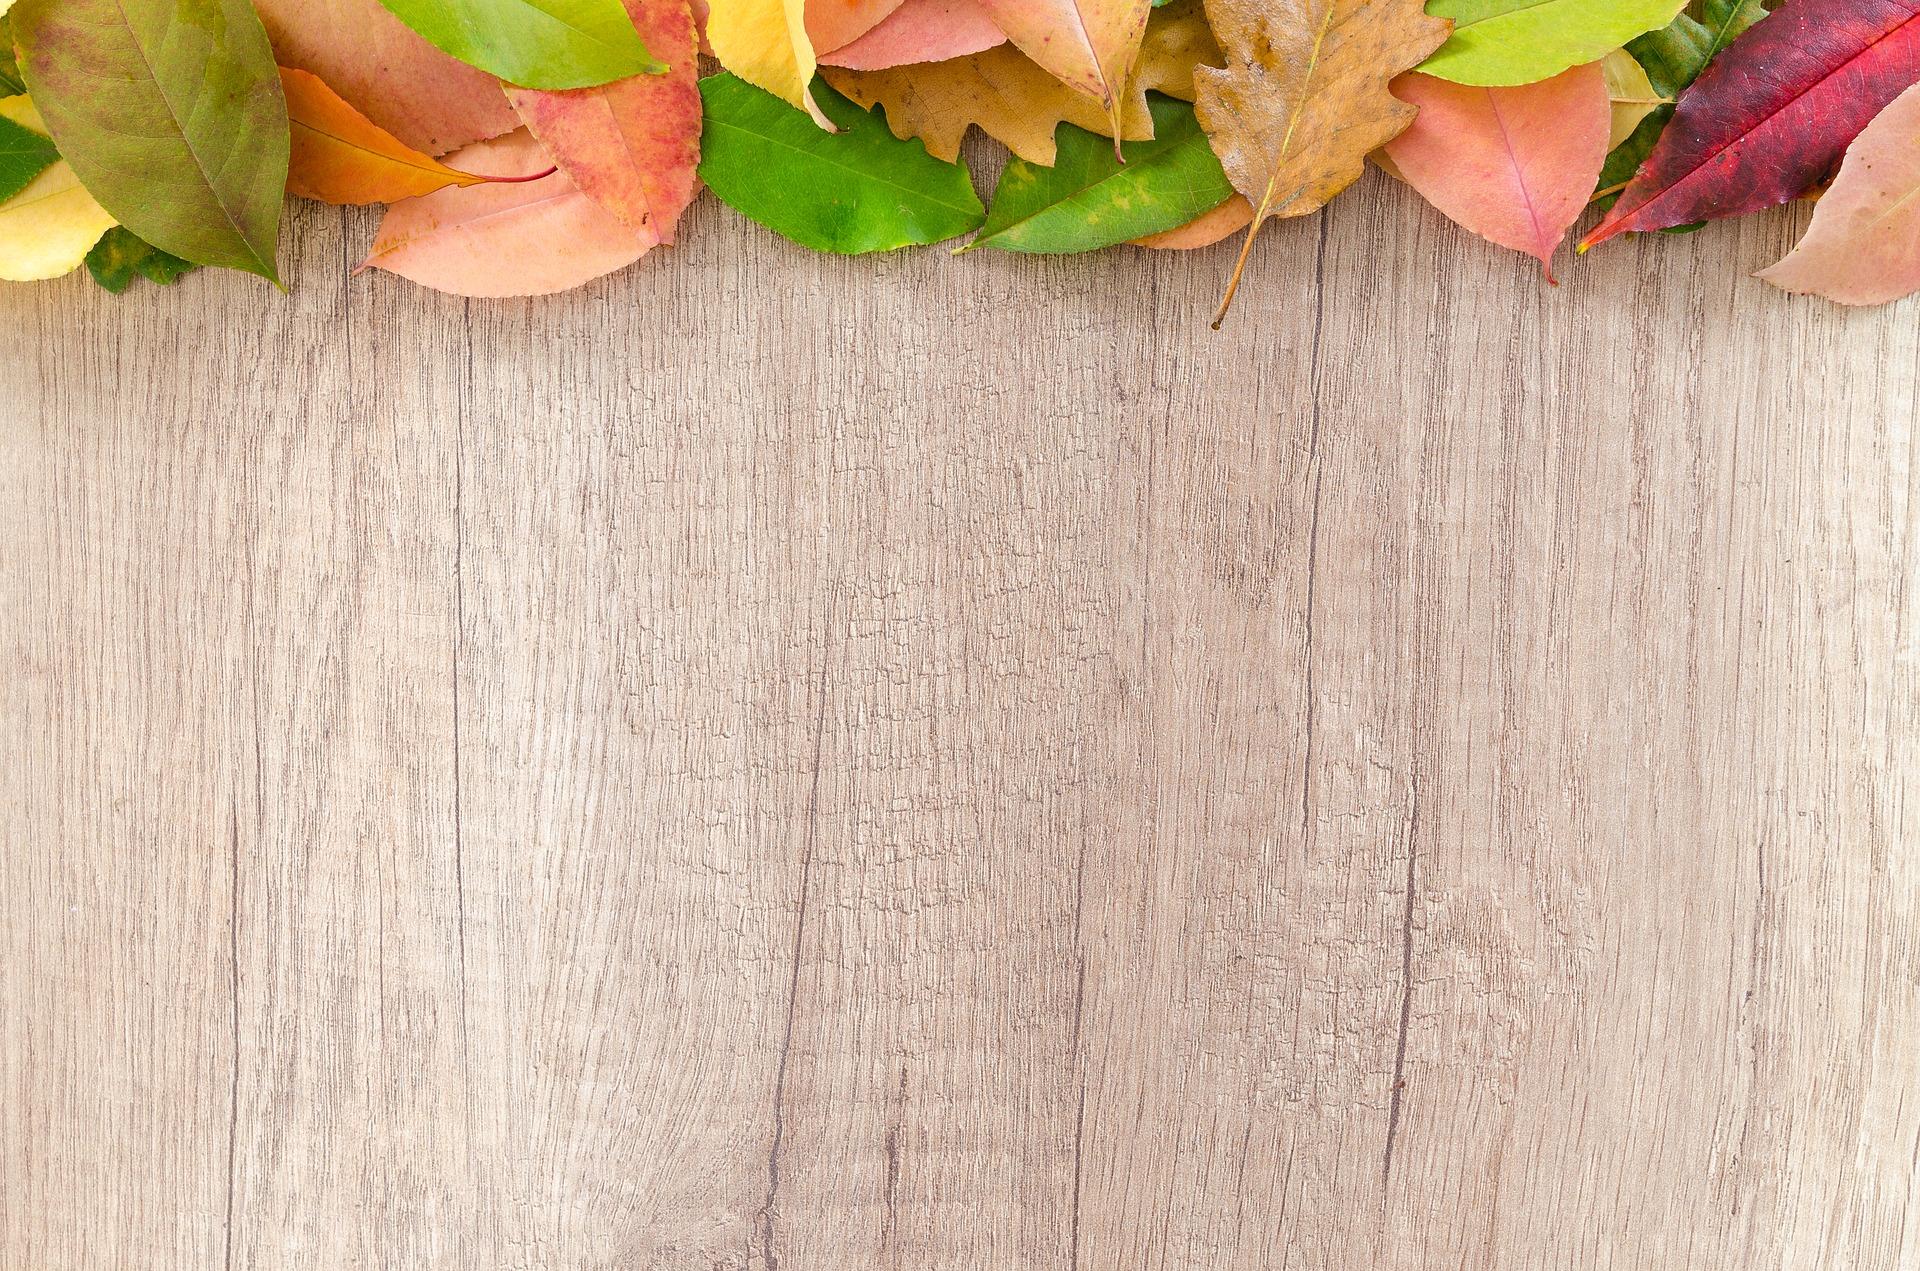 autumn-2902546_1920